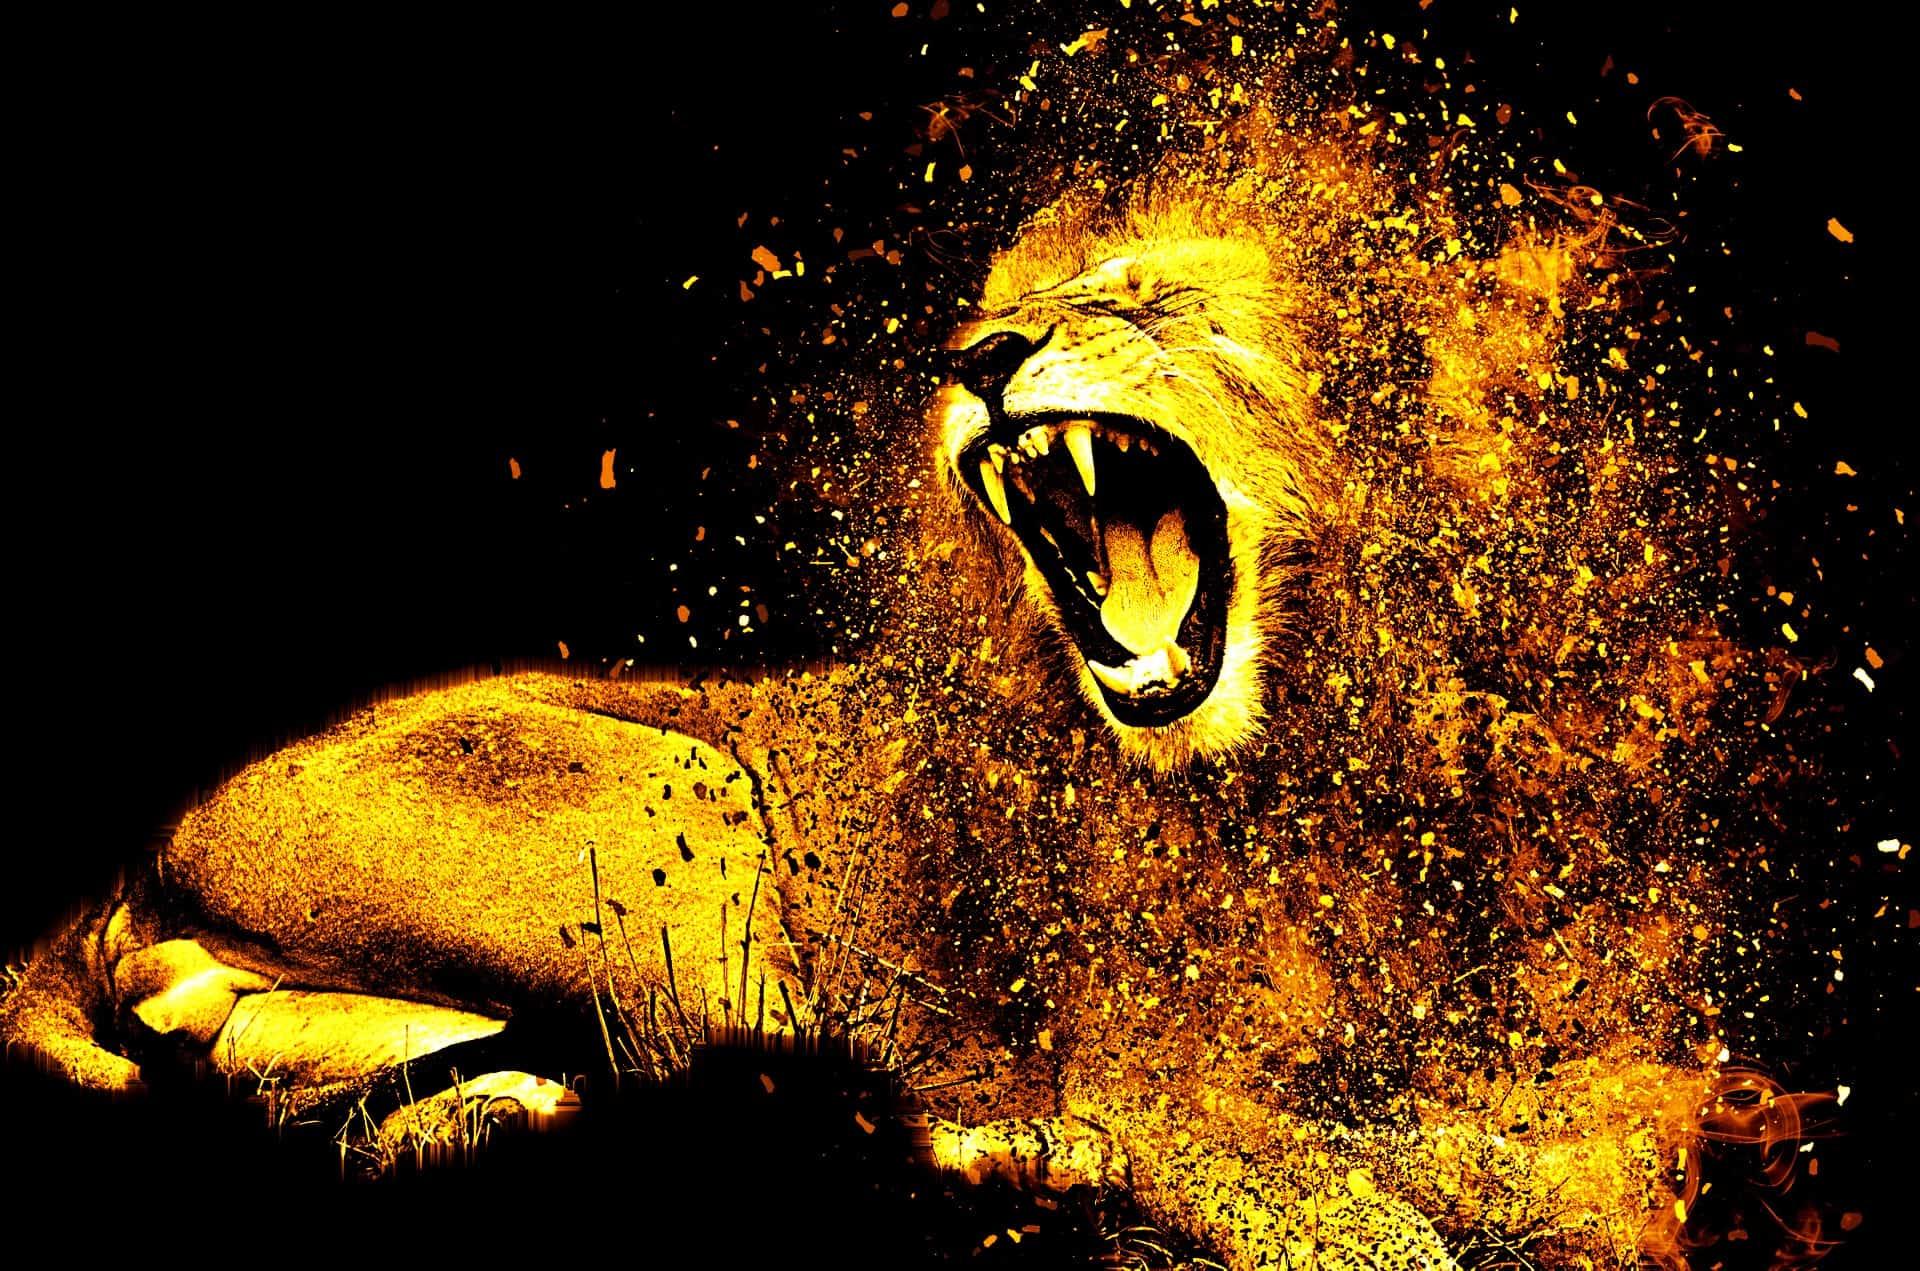 Wie lange dauert das musical könig der löwen